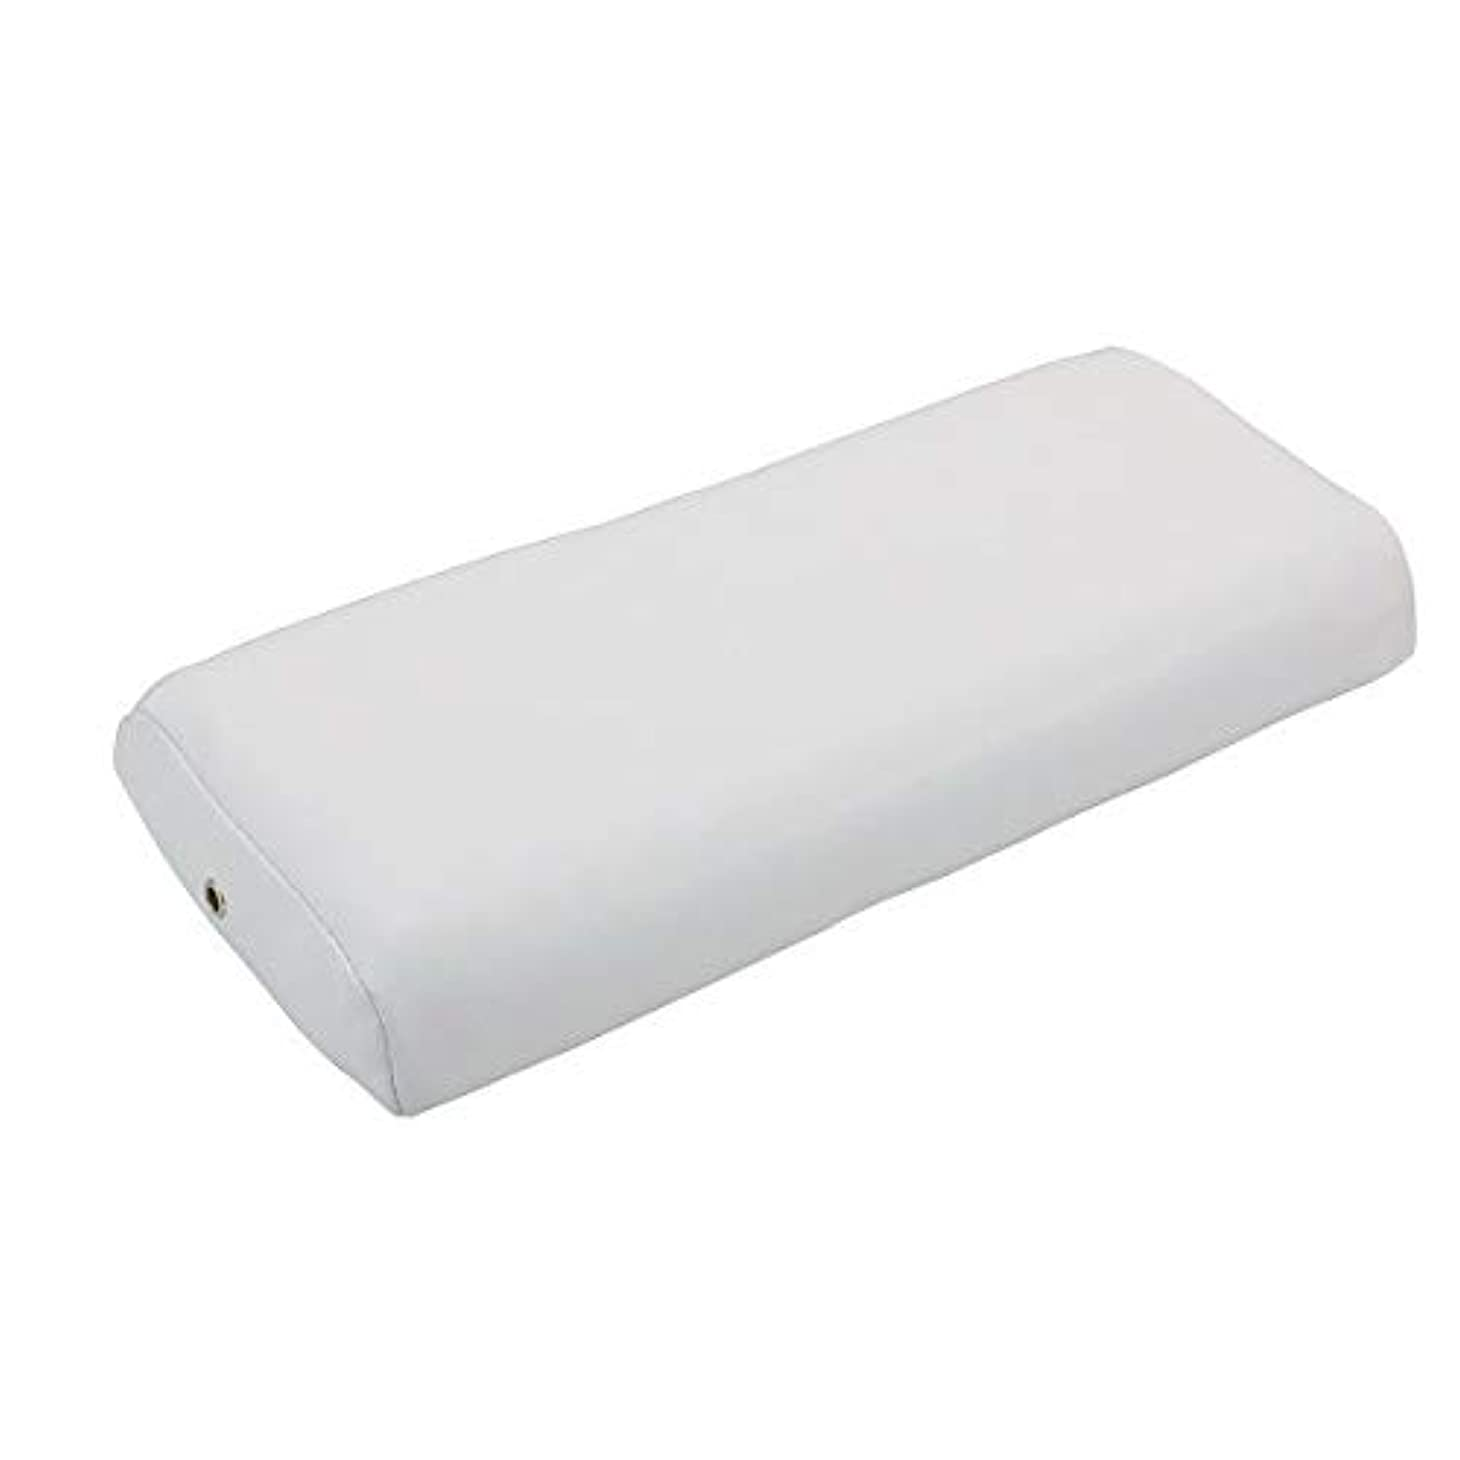 無エンドテーブルあなたのものNEOかどまる枕 FV-921 【 ホワイト 】 フェイスまくら フェイス枕 うつぶせ枕 マッサージ枕